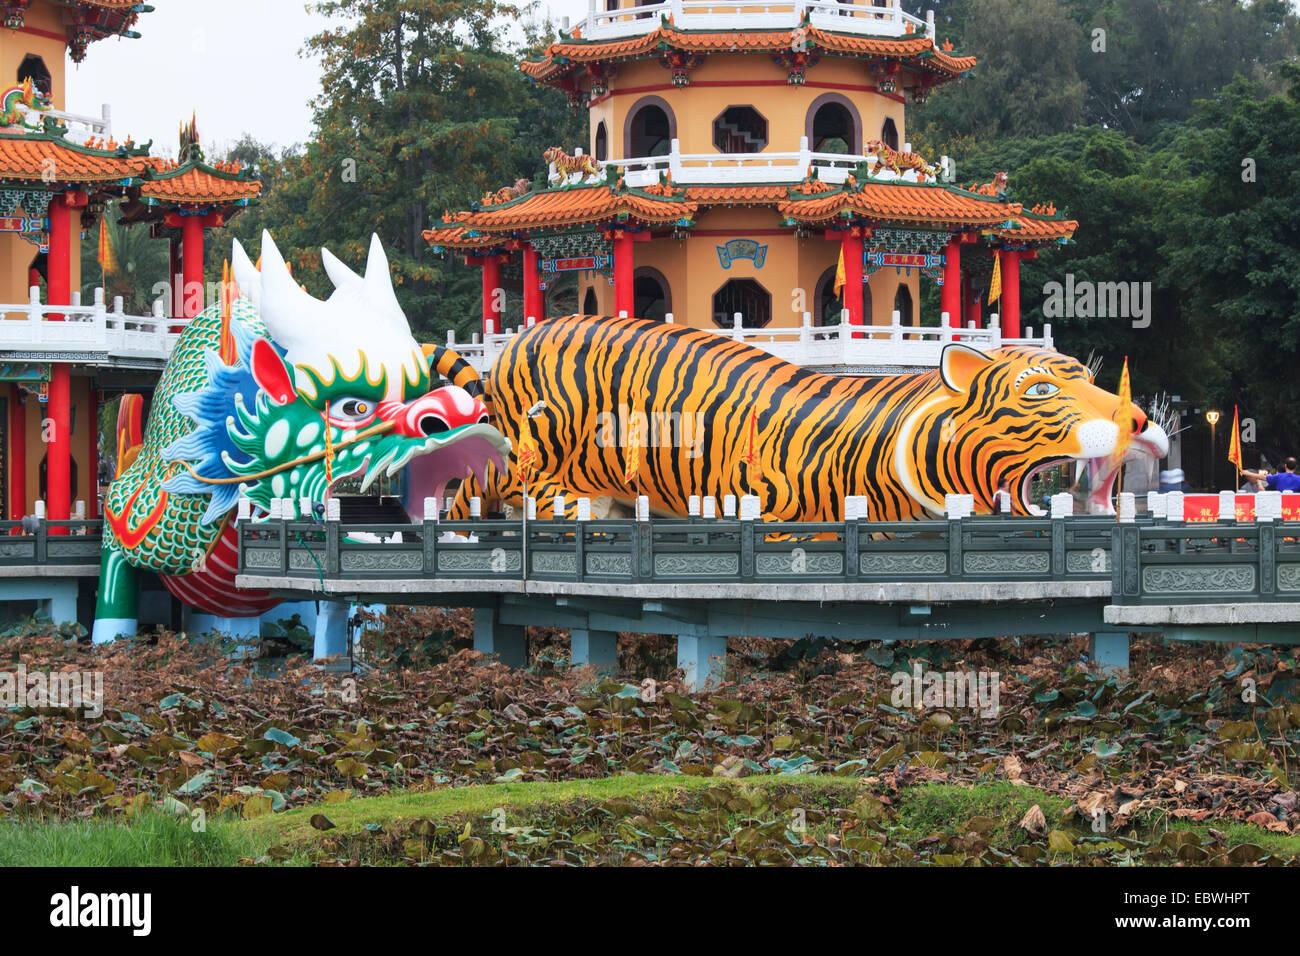 Tigre y Dragón Pagodas en Lotus Pond, Kaohsiung, Taiwán Imagen De Stock